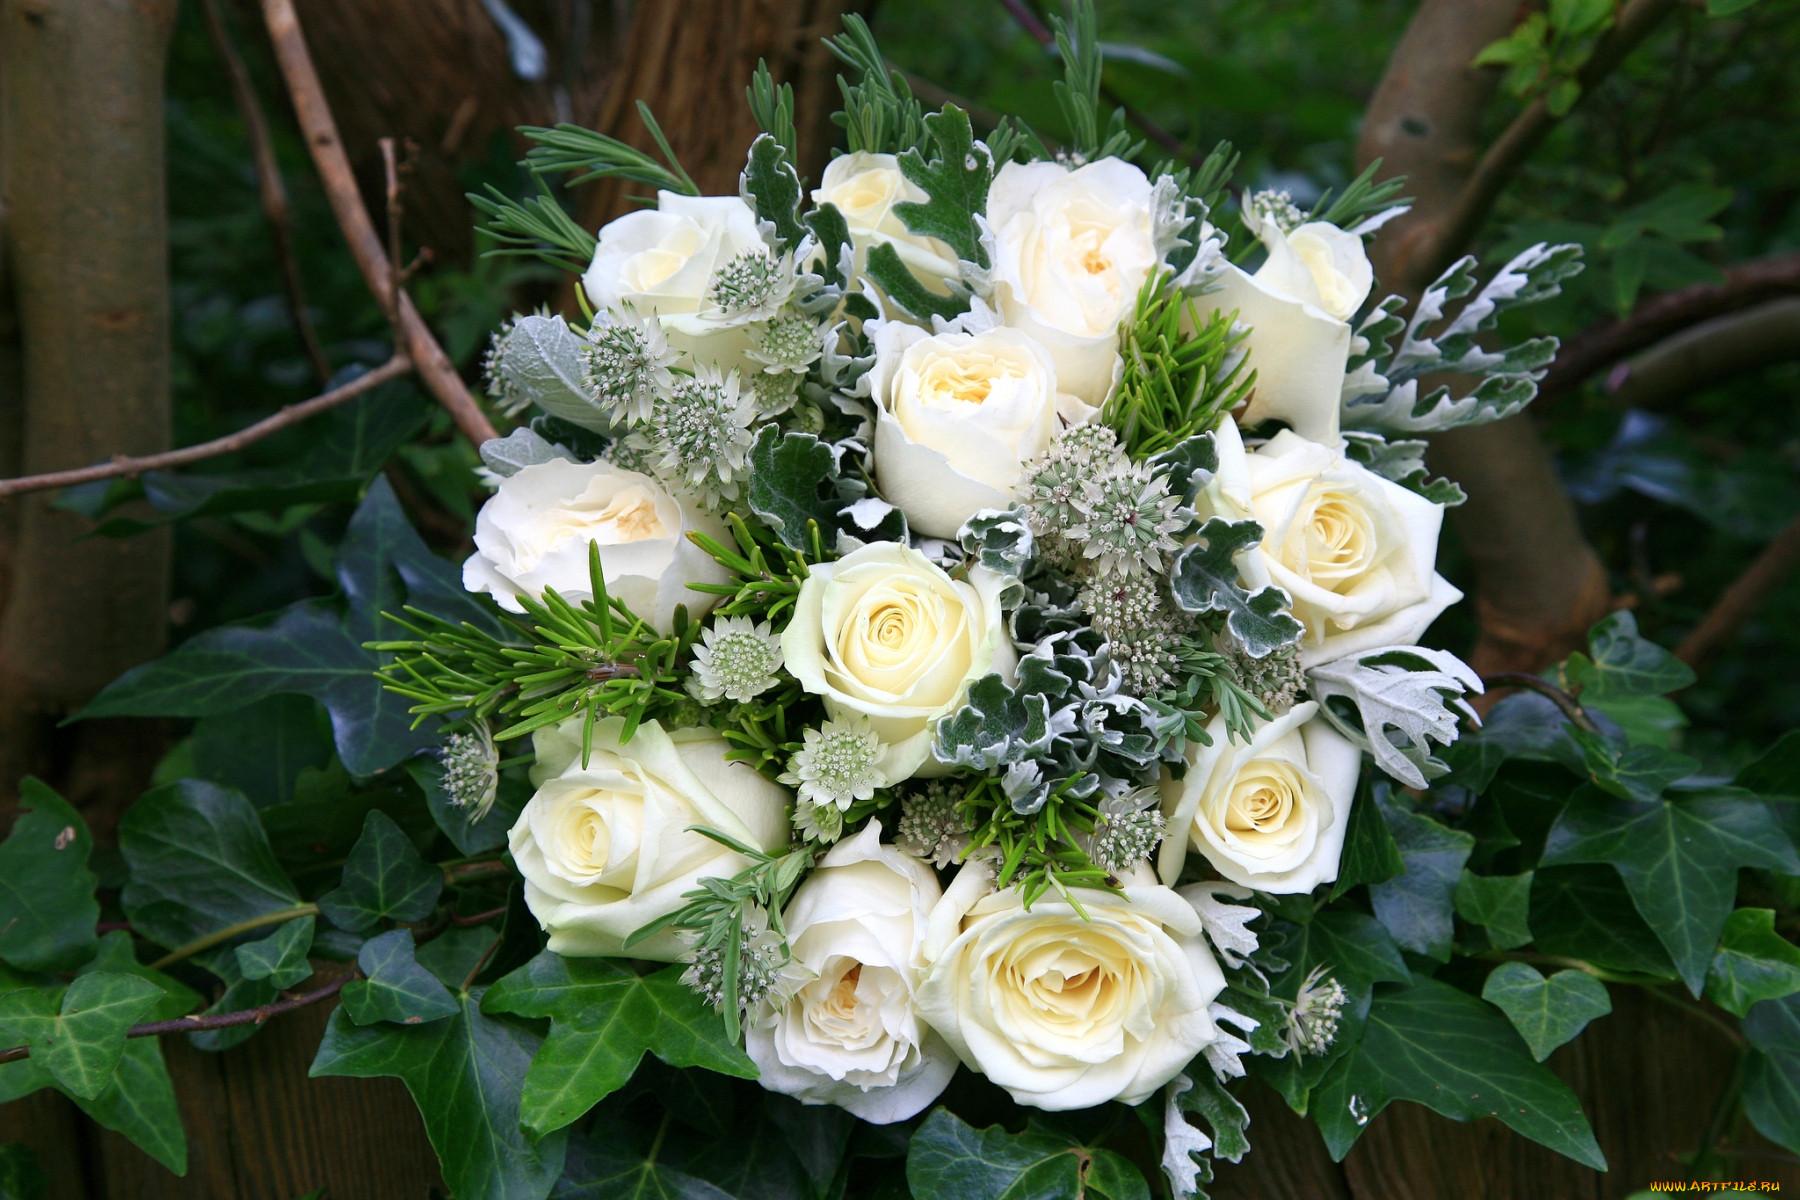 фото шикарного букета цветов высокого разрешения пленочный фотоаппарат для